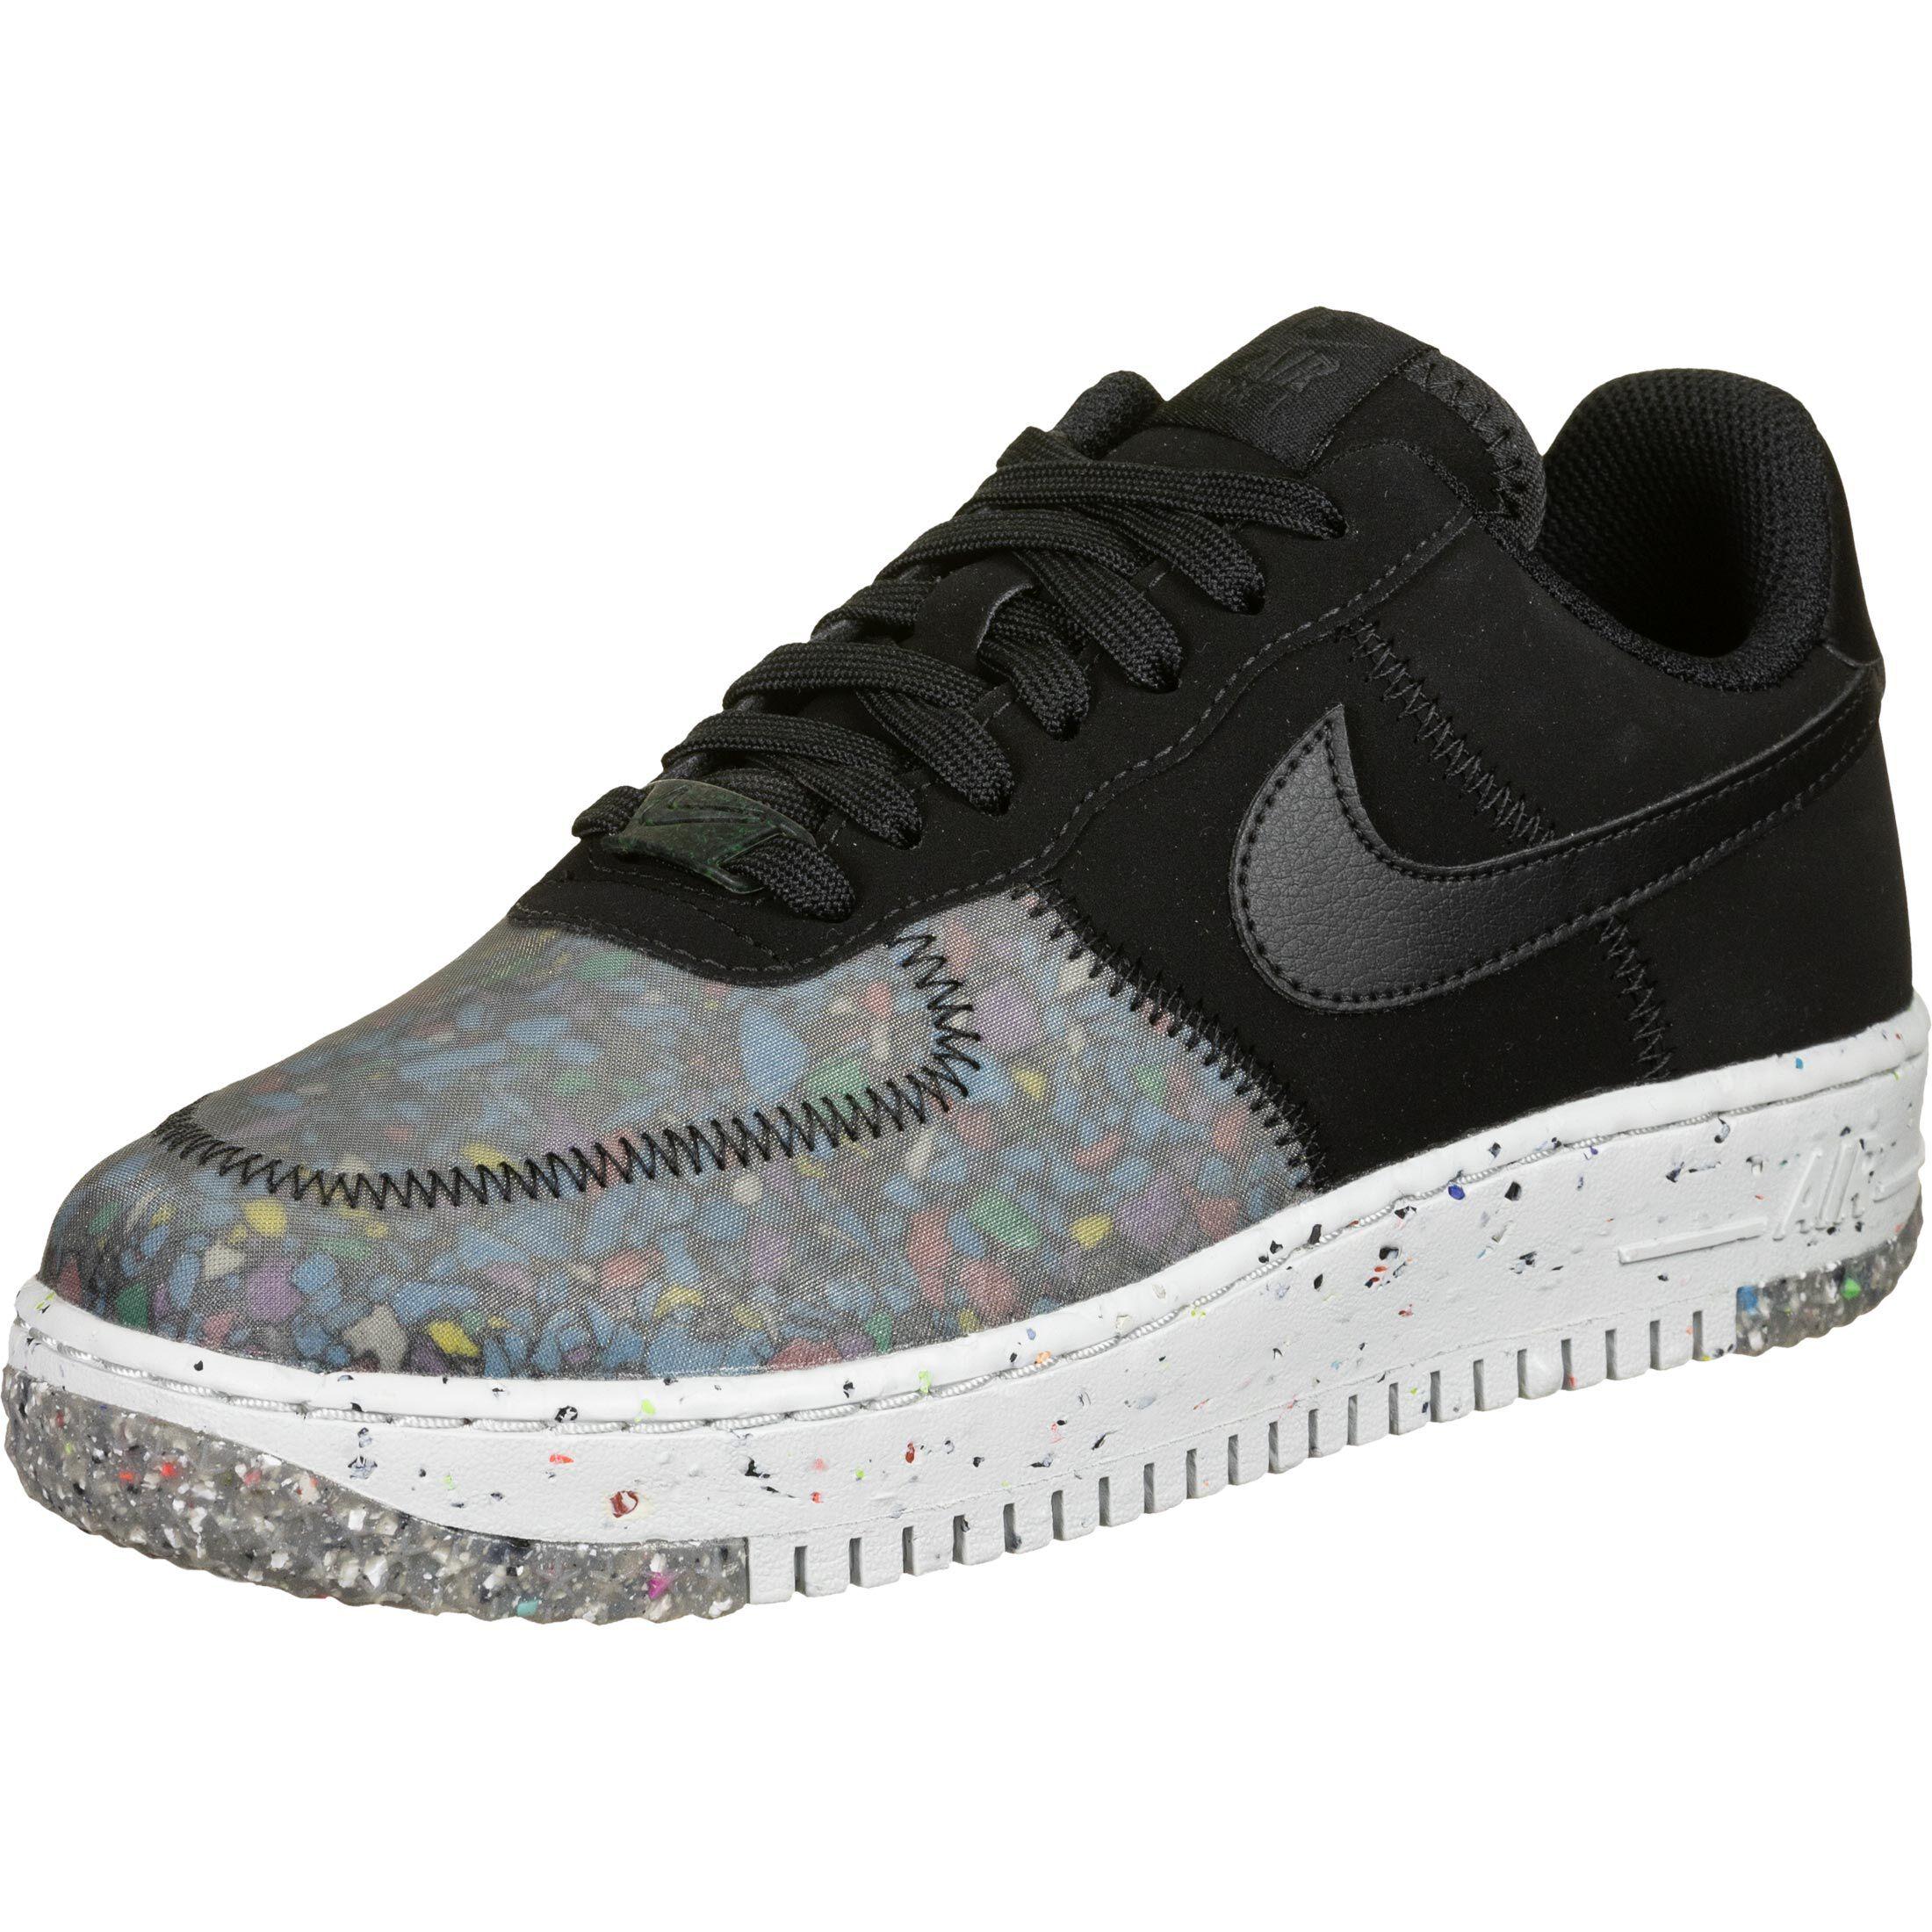 Nike Air Force 1 Crater, 36 EU, femme, noir